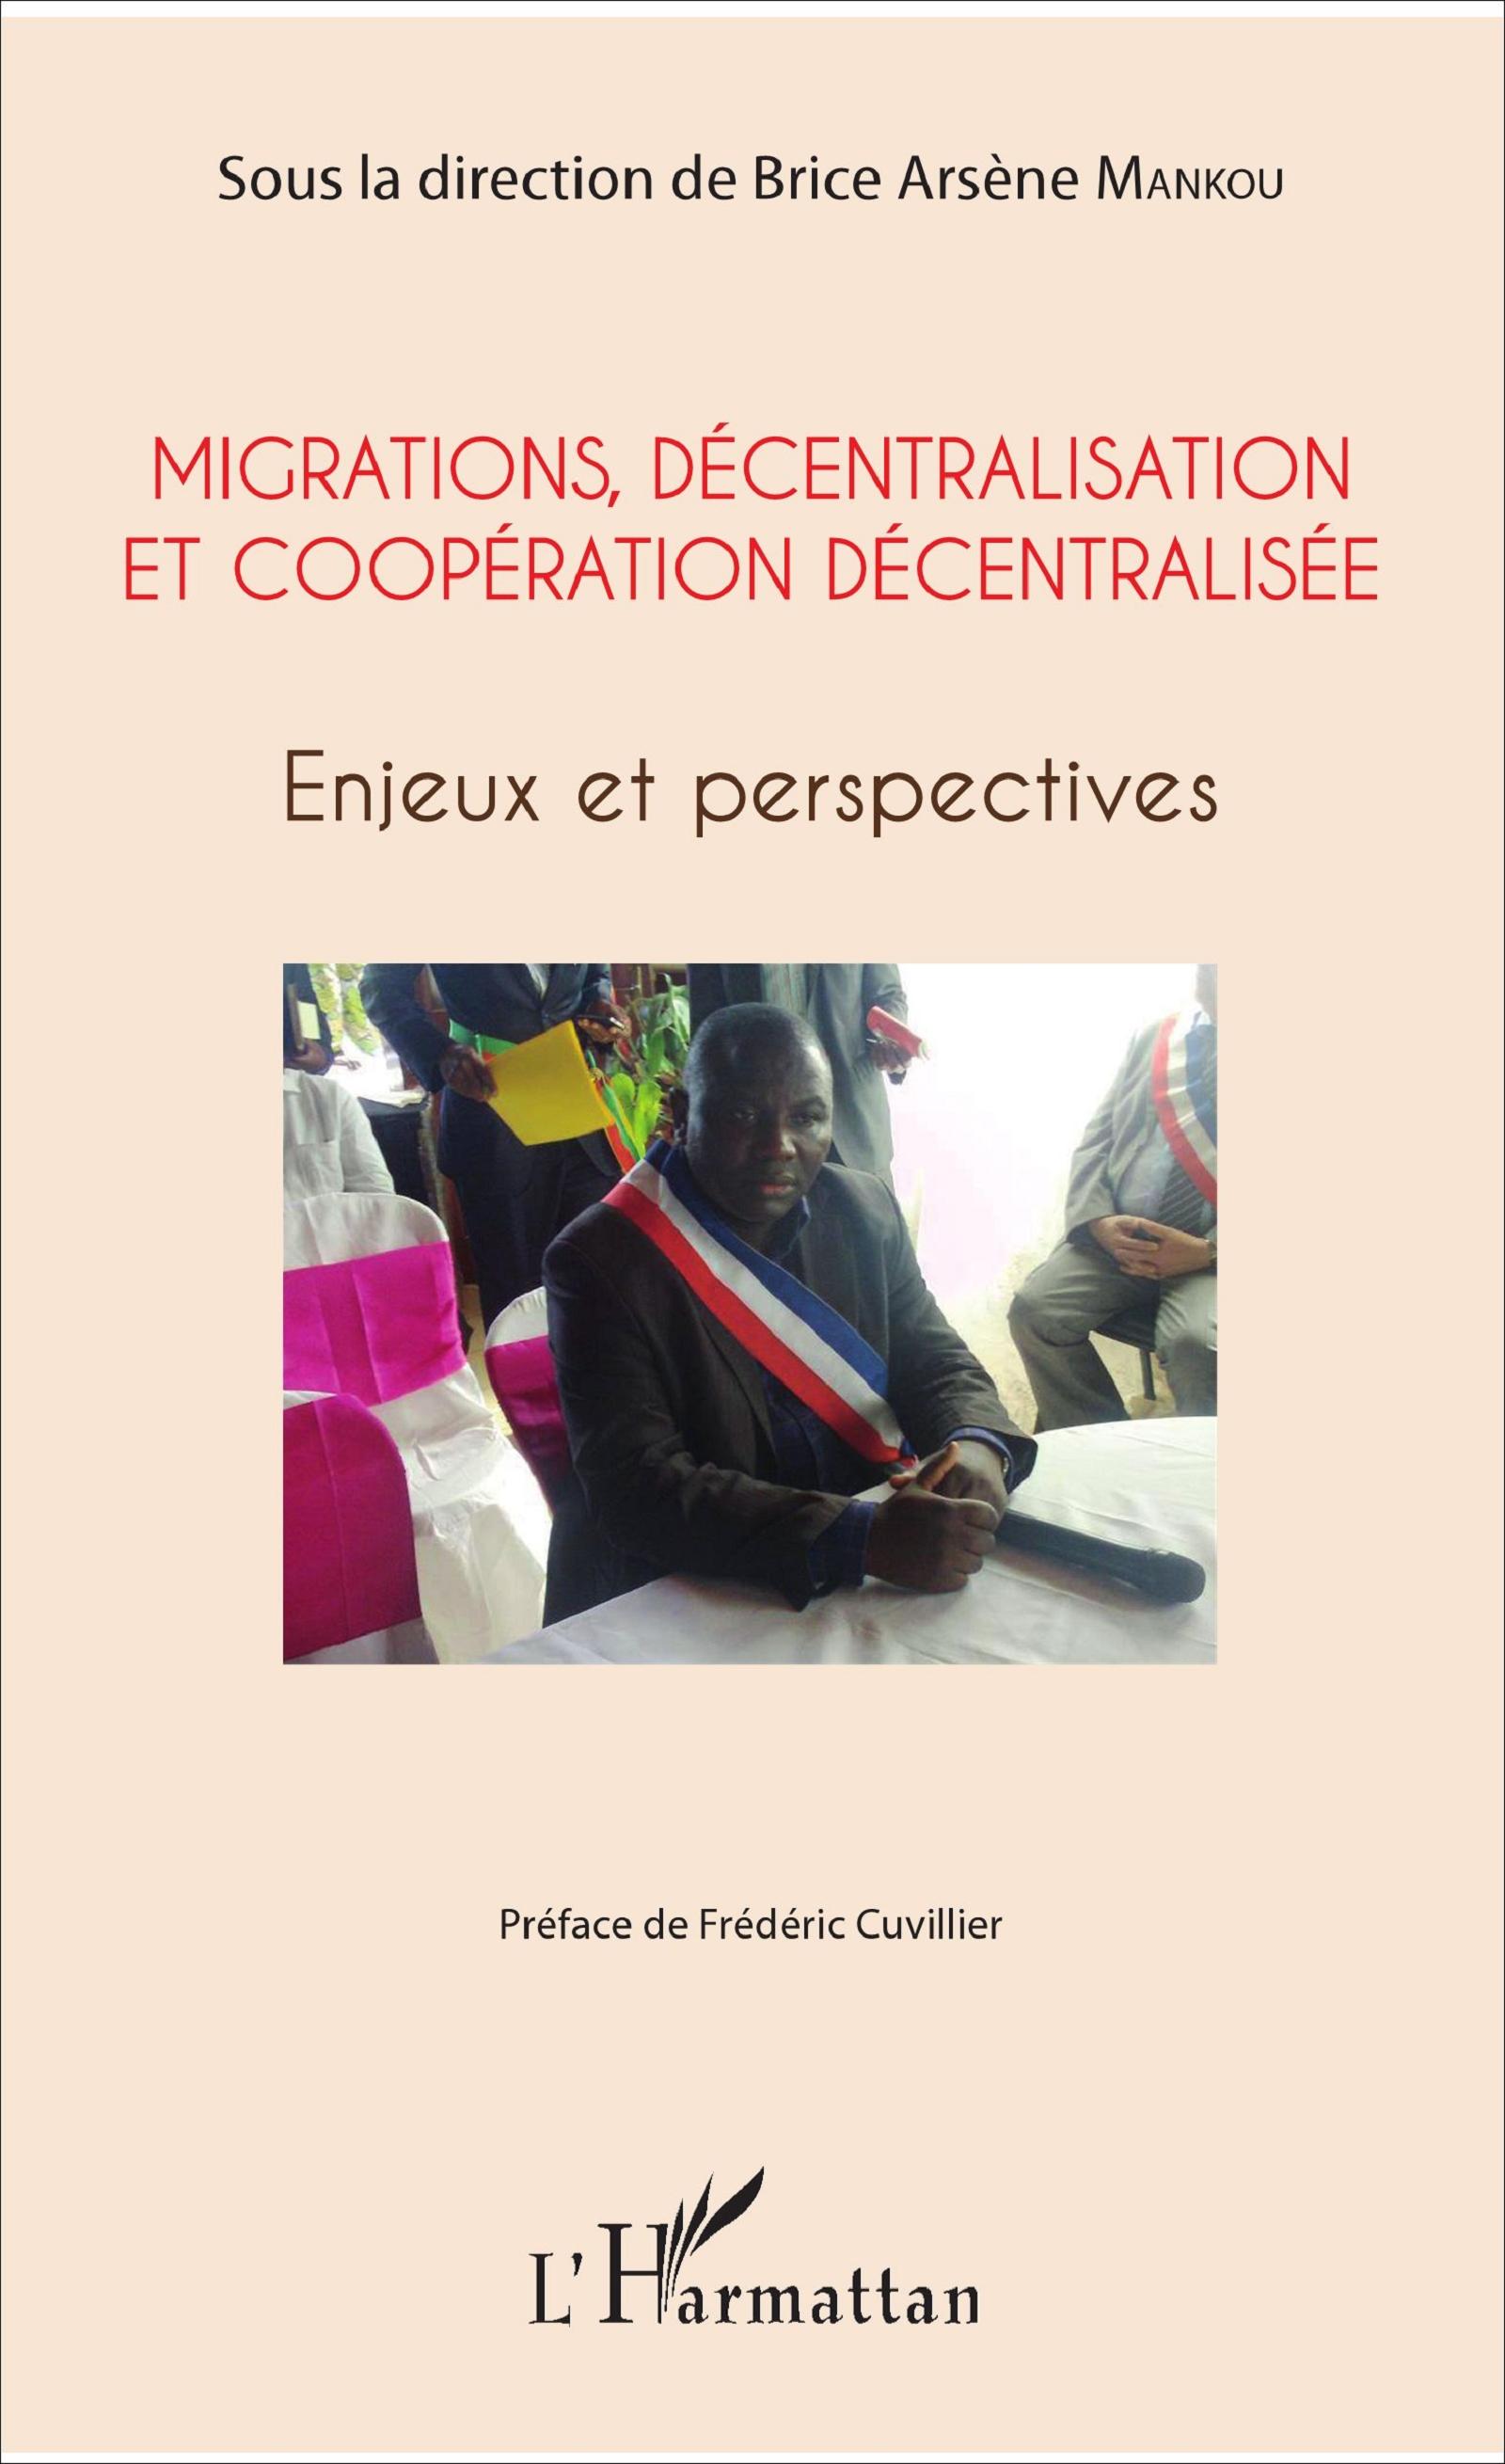 Visuel nouvel ouvrage de Brice Arsène Mankou sur la coopération